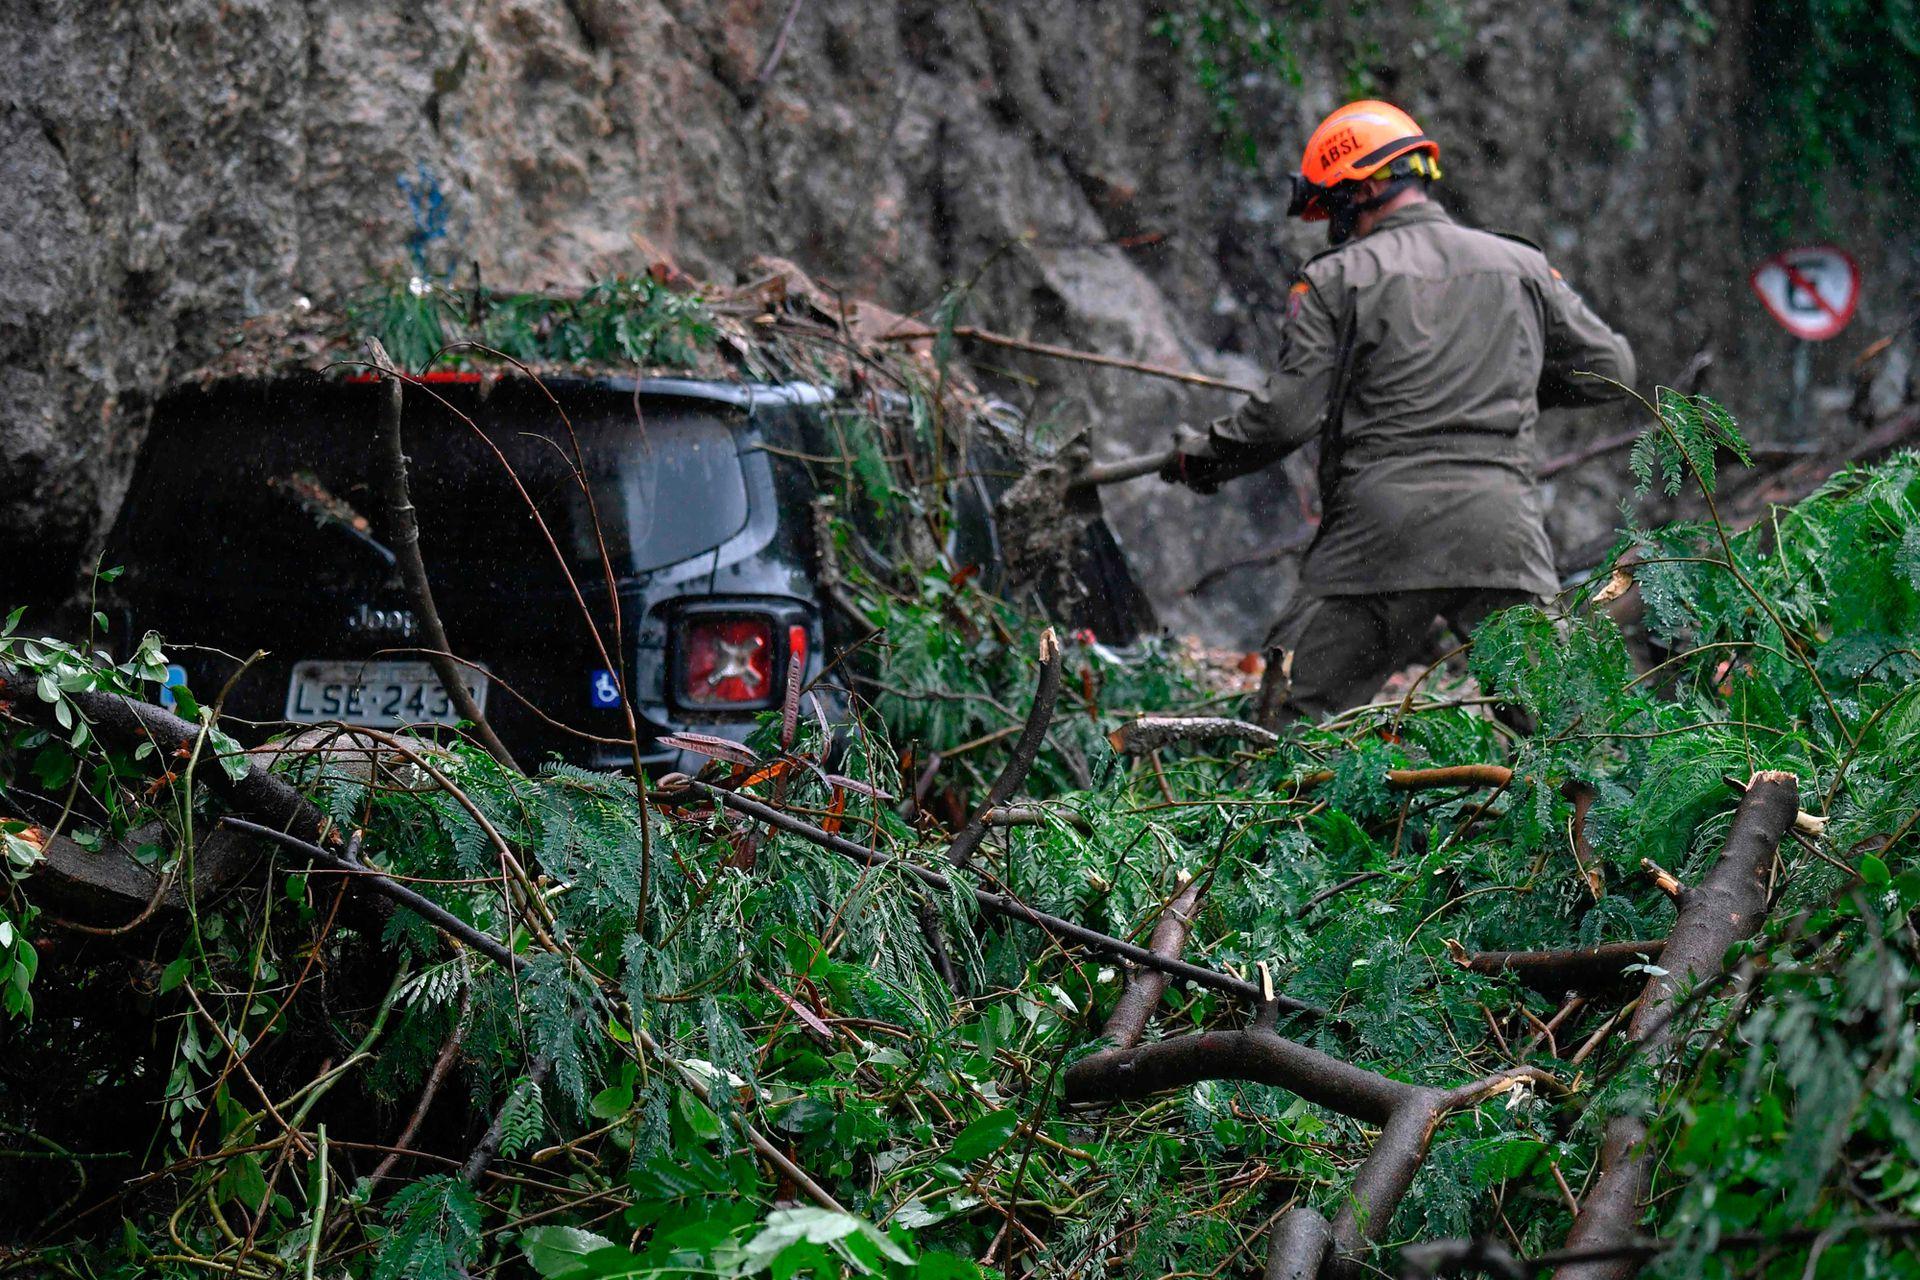 Un rescatista trabaja en la recuperación de un automóvil luego de un deslizamiento de tierra provocado por fuertes lluvias y que afectó a la ciudad desde la noche de ayer, inundando varias áreas de la ciudad de Río de Janeiro, en Brasil